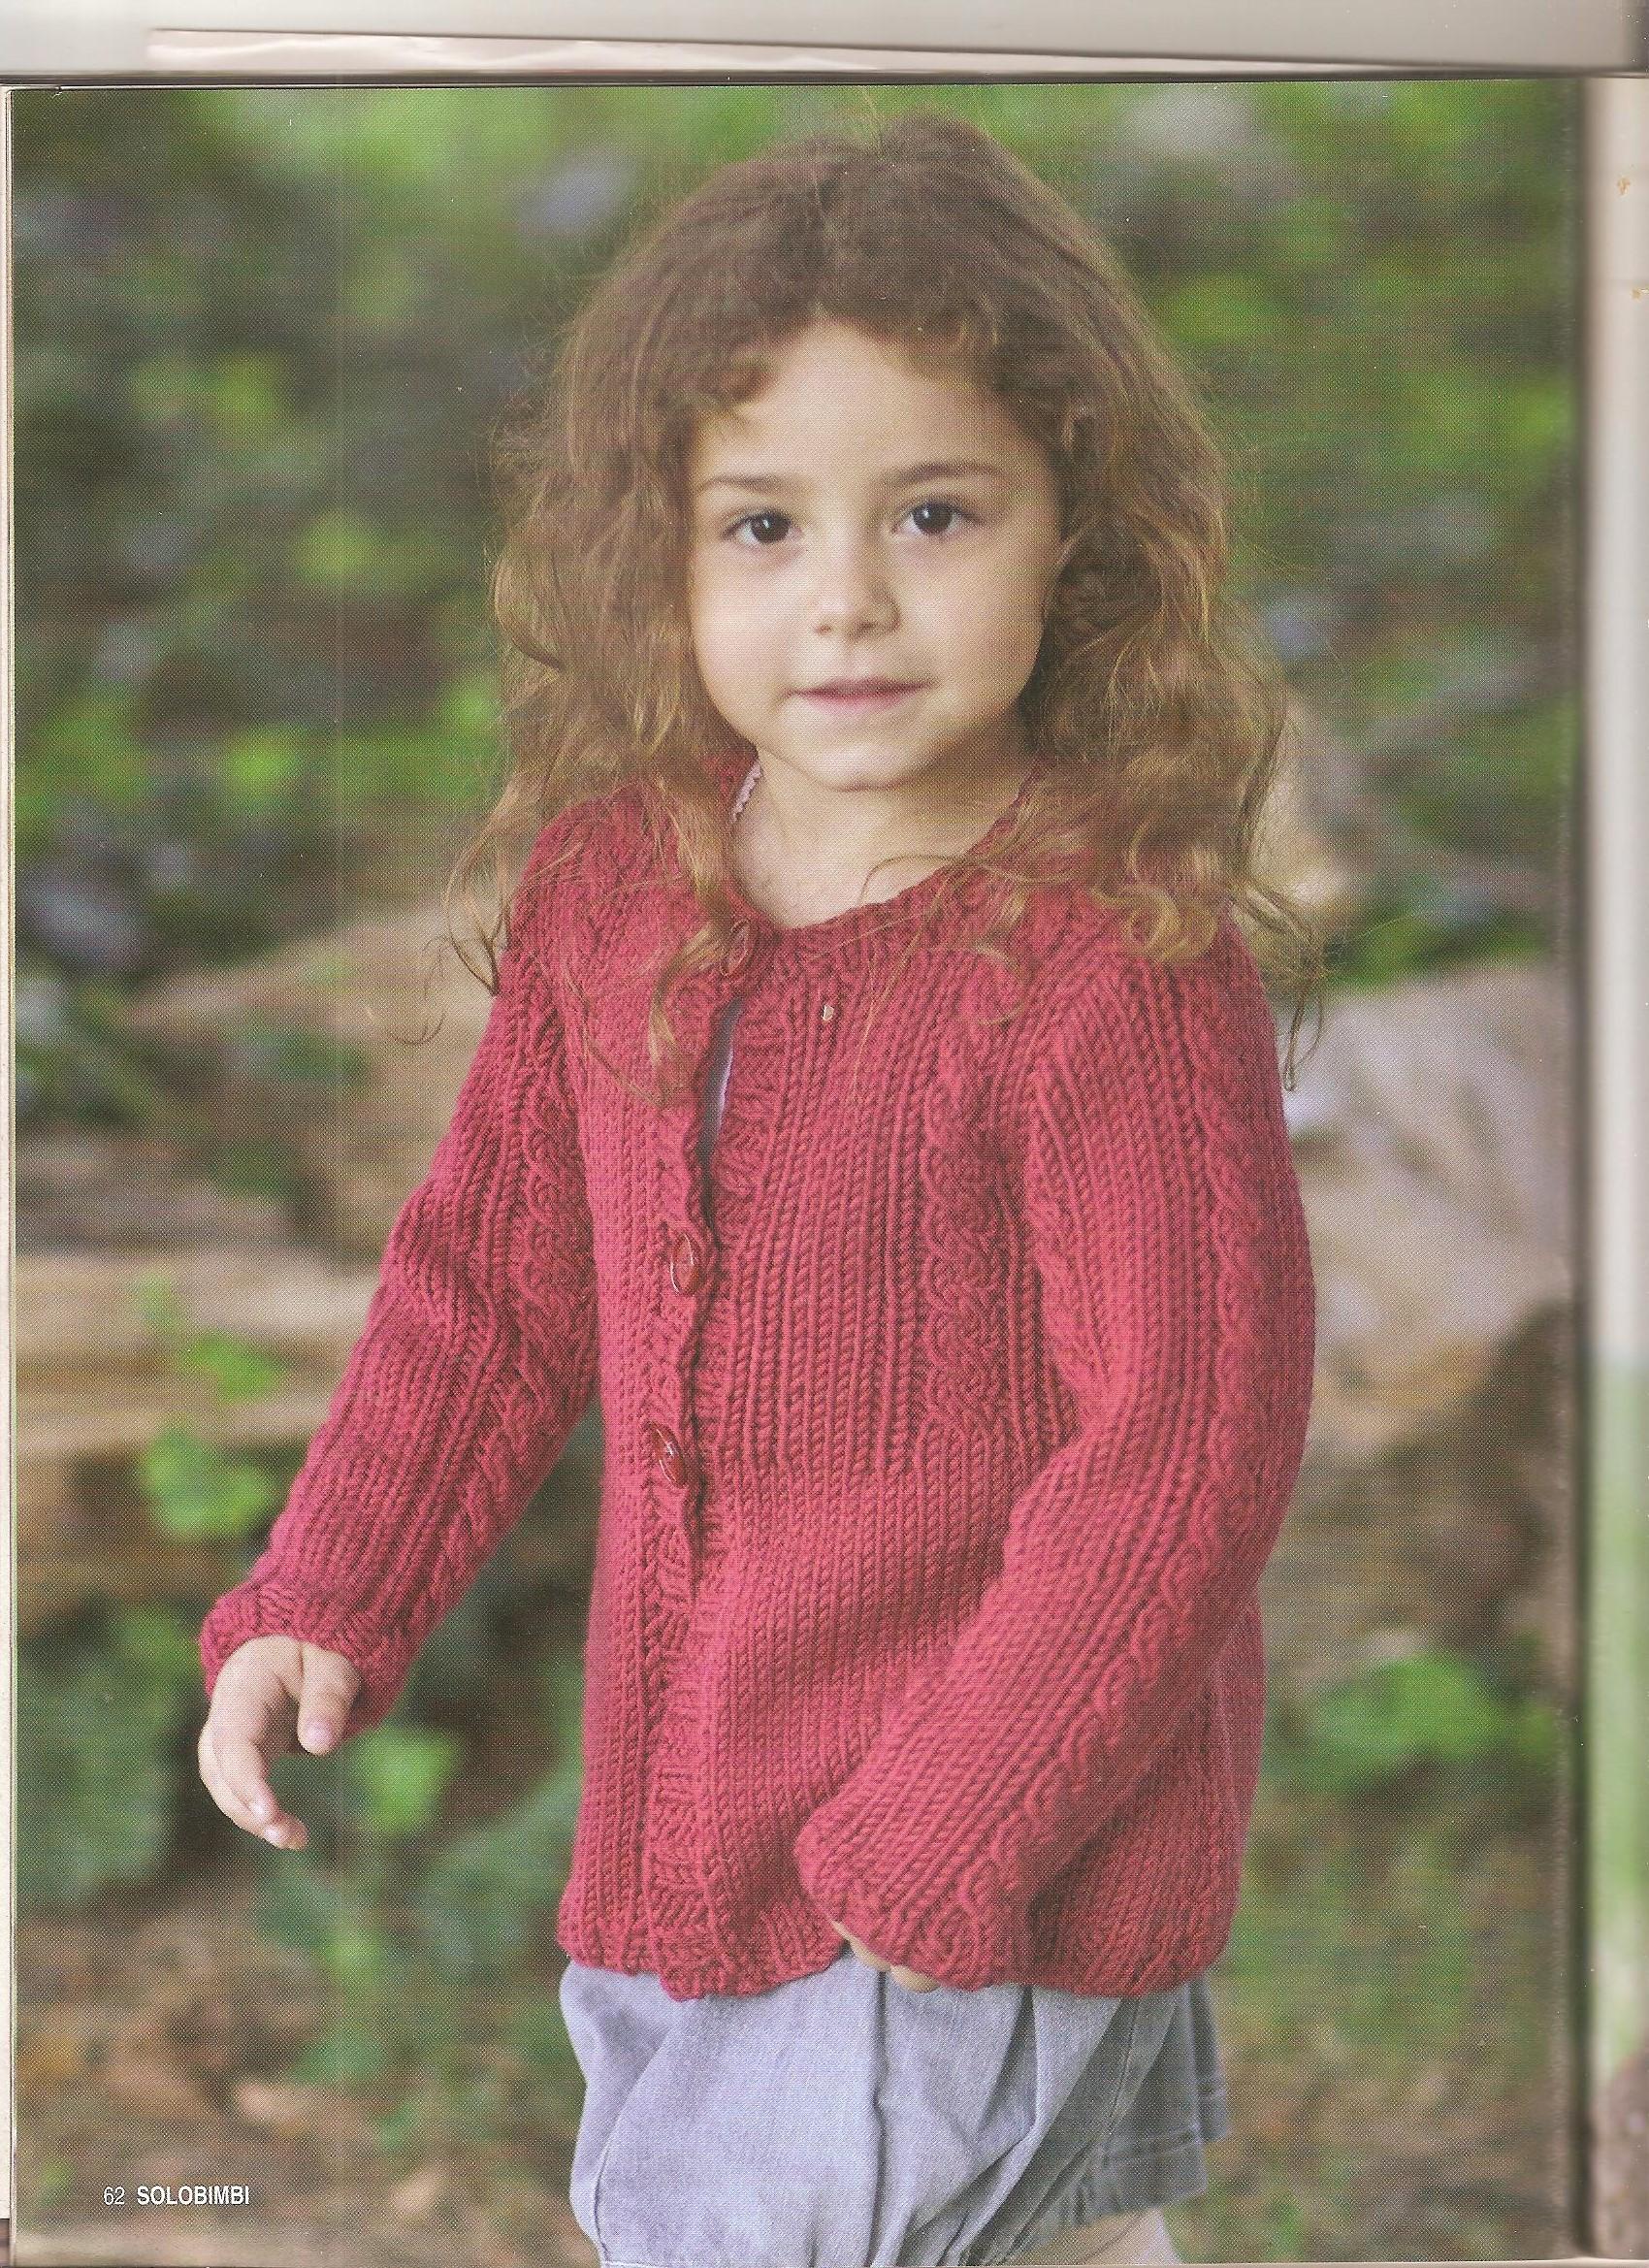 Giacca bambina a maglia 4 5 anni 1 punto - Punto a punto per i bambini di 3 anni ...